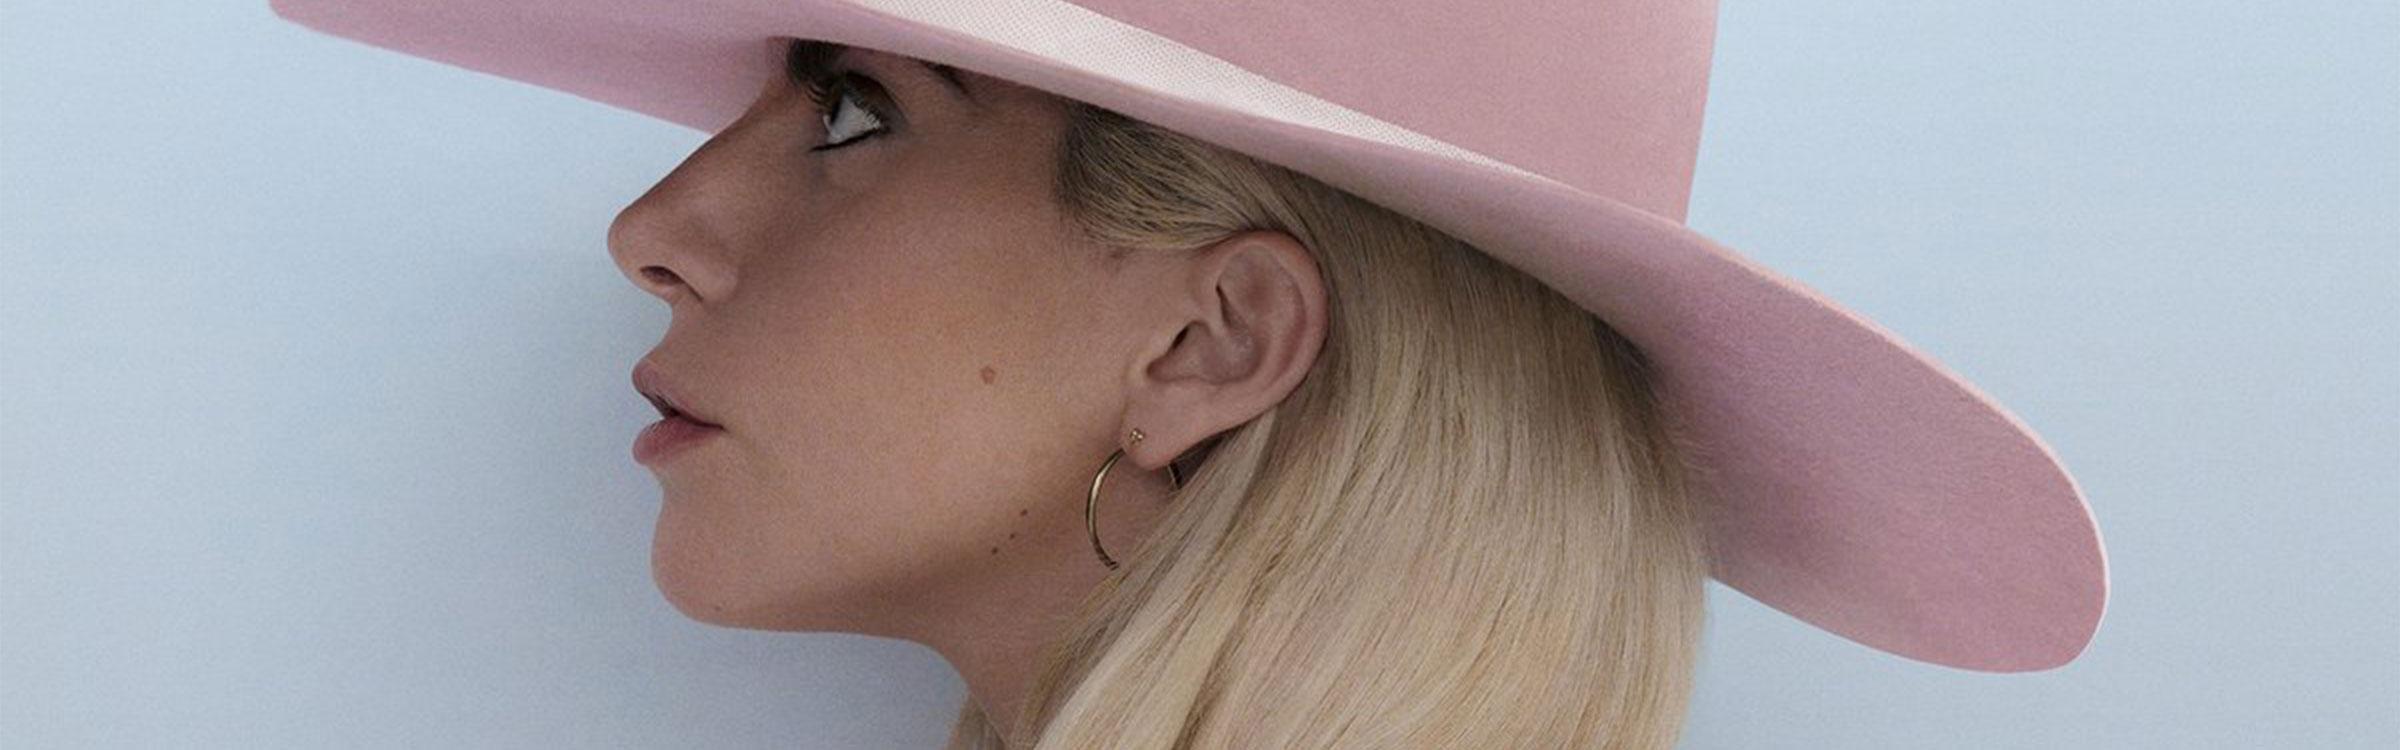 Gaga page